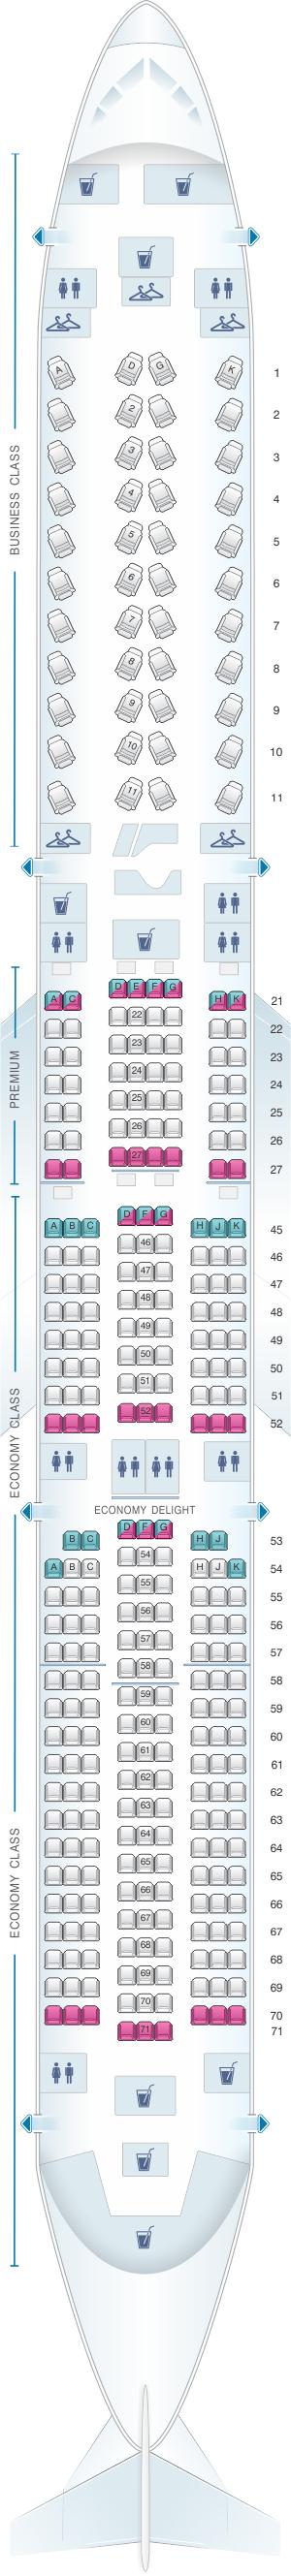 Seat map for Virgin Atlantic Airbus A350 1000